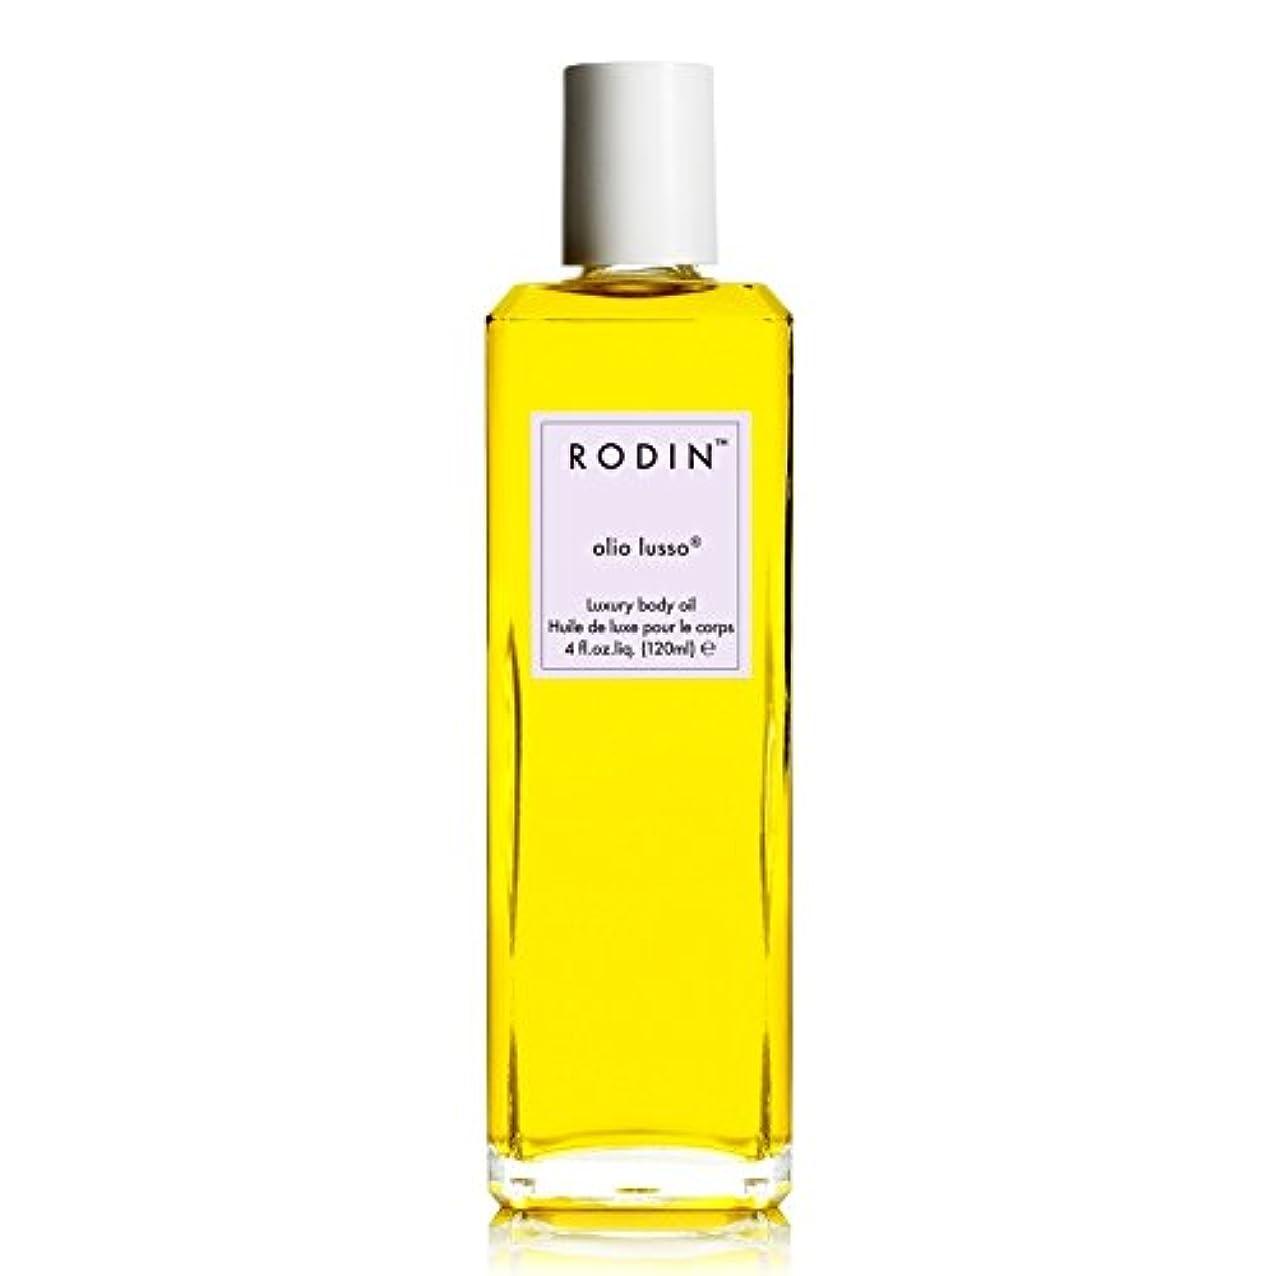 ミリメートル訴えるソロロダンルッソラベンダー絶対贅沢なボディオイル30ミリリットル x4 - RODIN olio lusso Lavender Absolute Luxury Body Oil 30ml (Pack of 4) [並行輸入品]